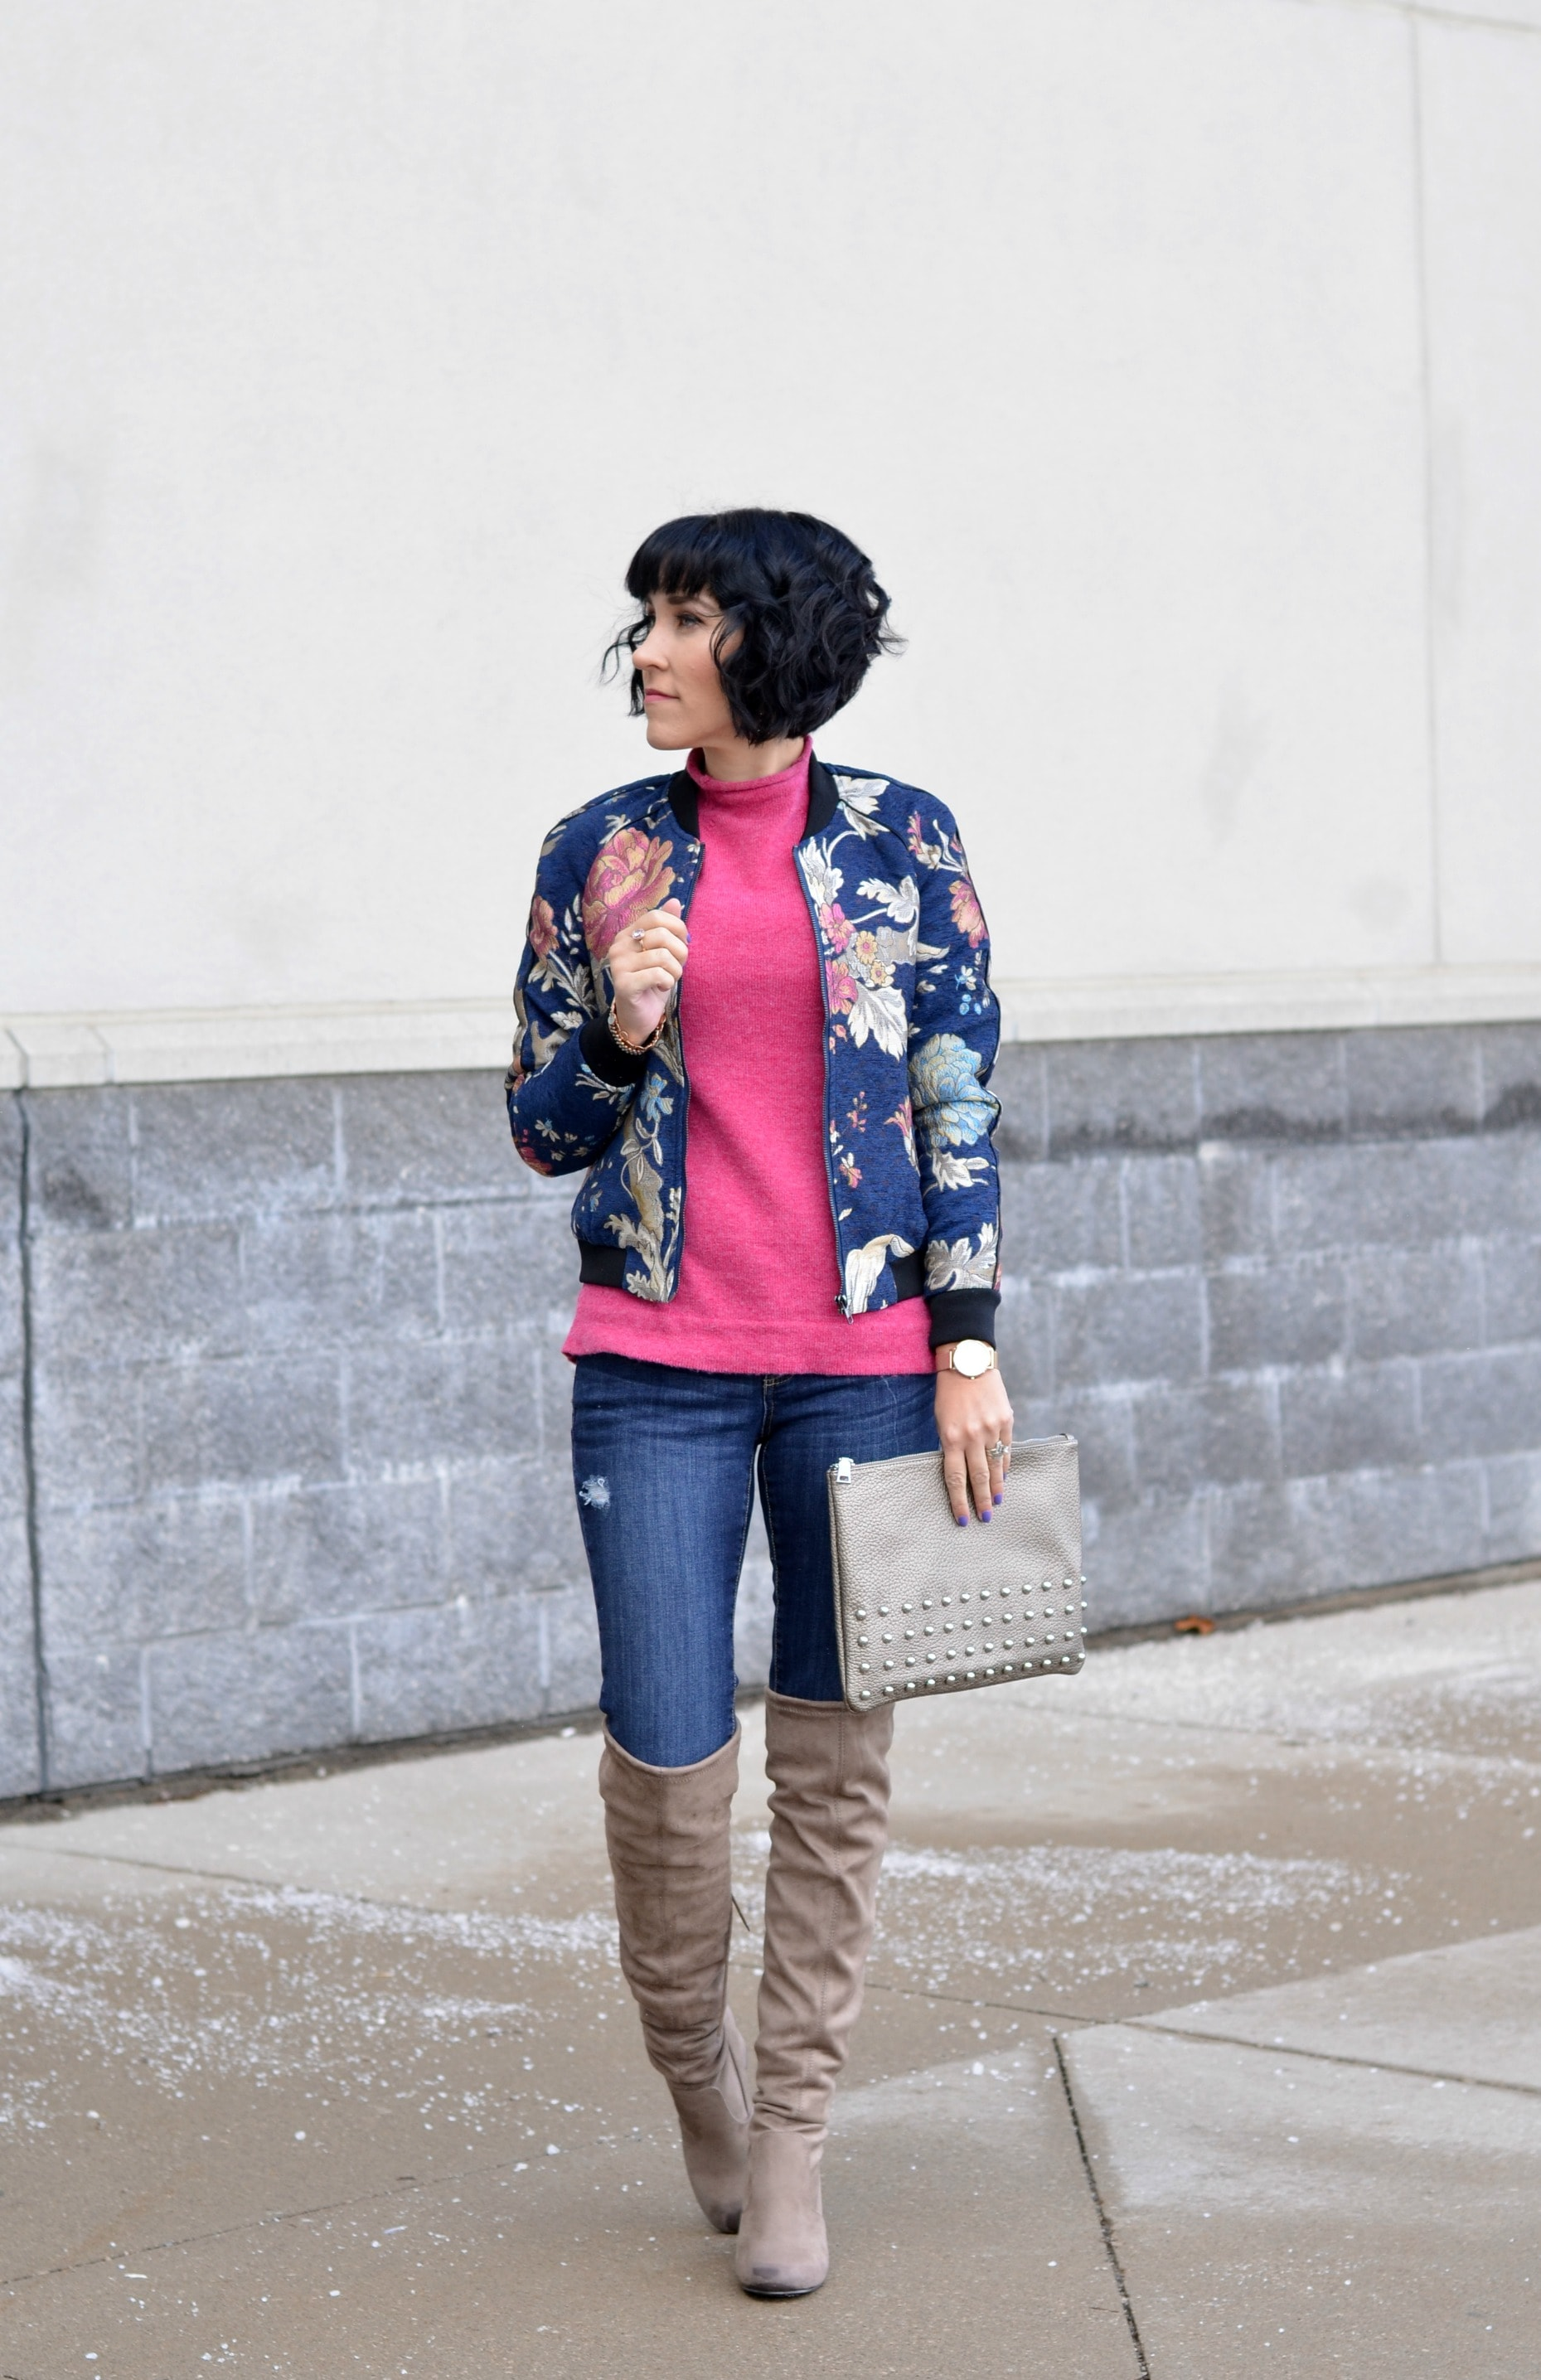 d2b2f47a1e7 Steve Madden OTK Boots (2) - The Pink Millennial